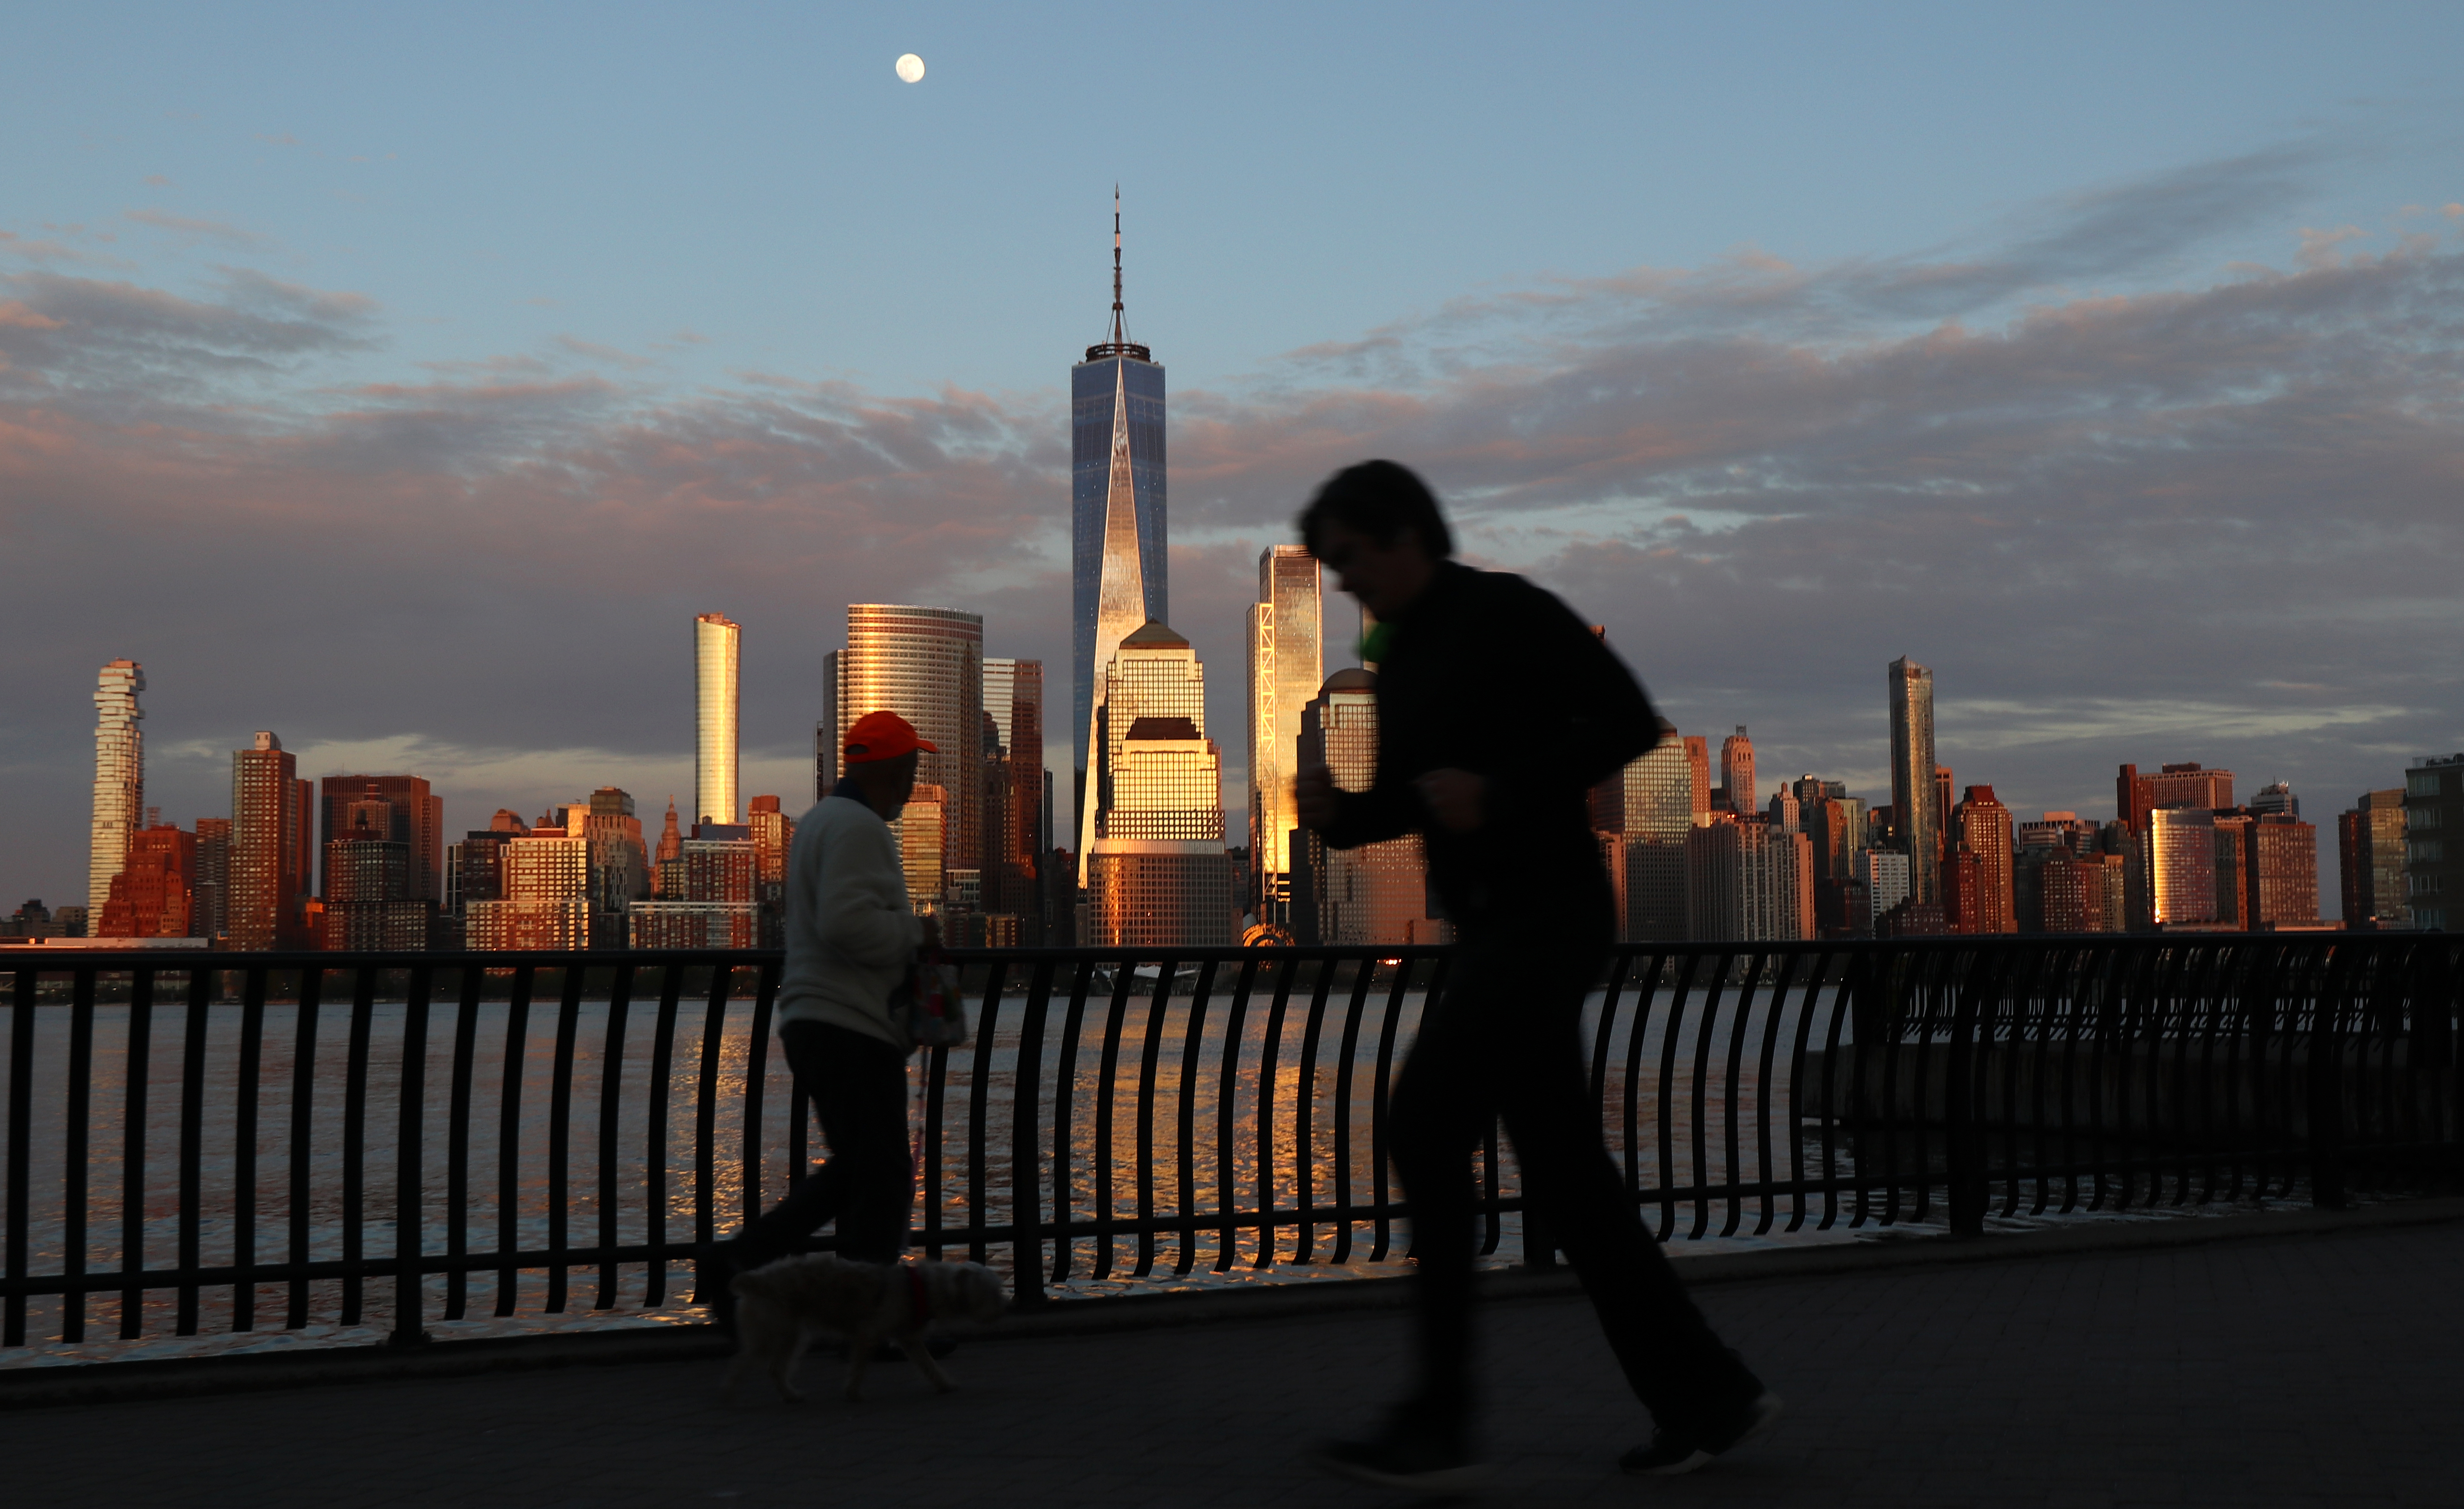 Sunset Moonrise in New York City